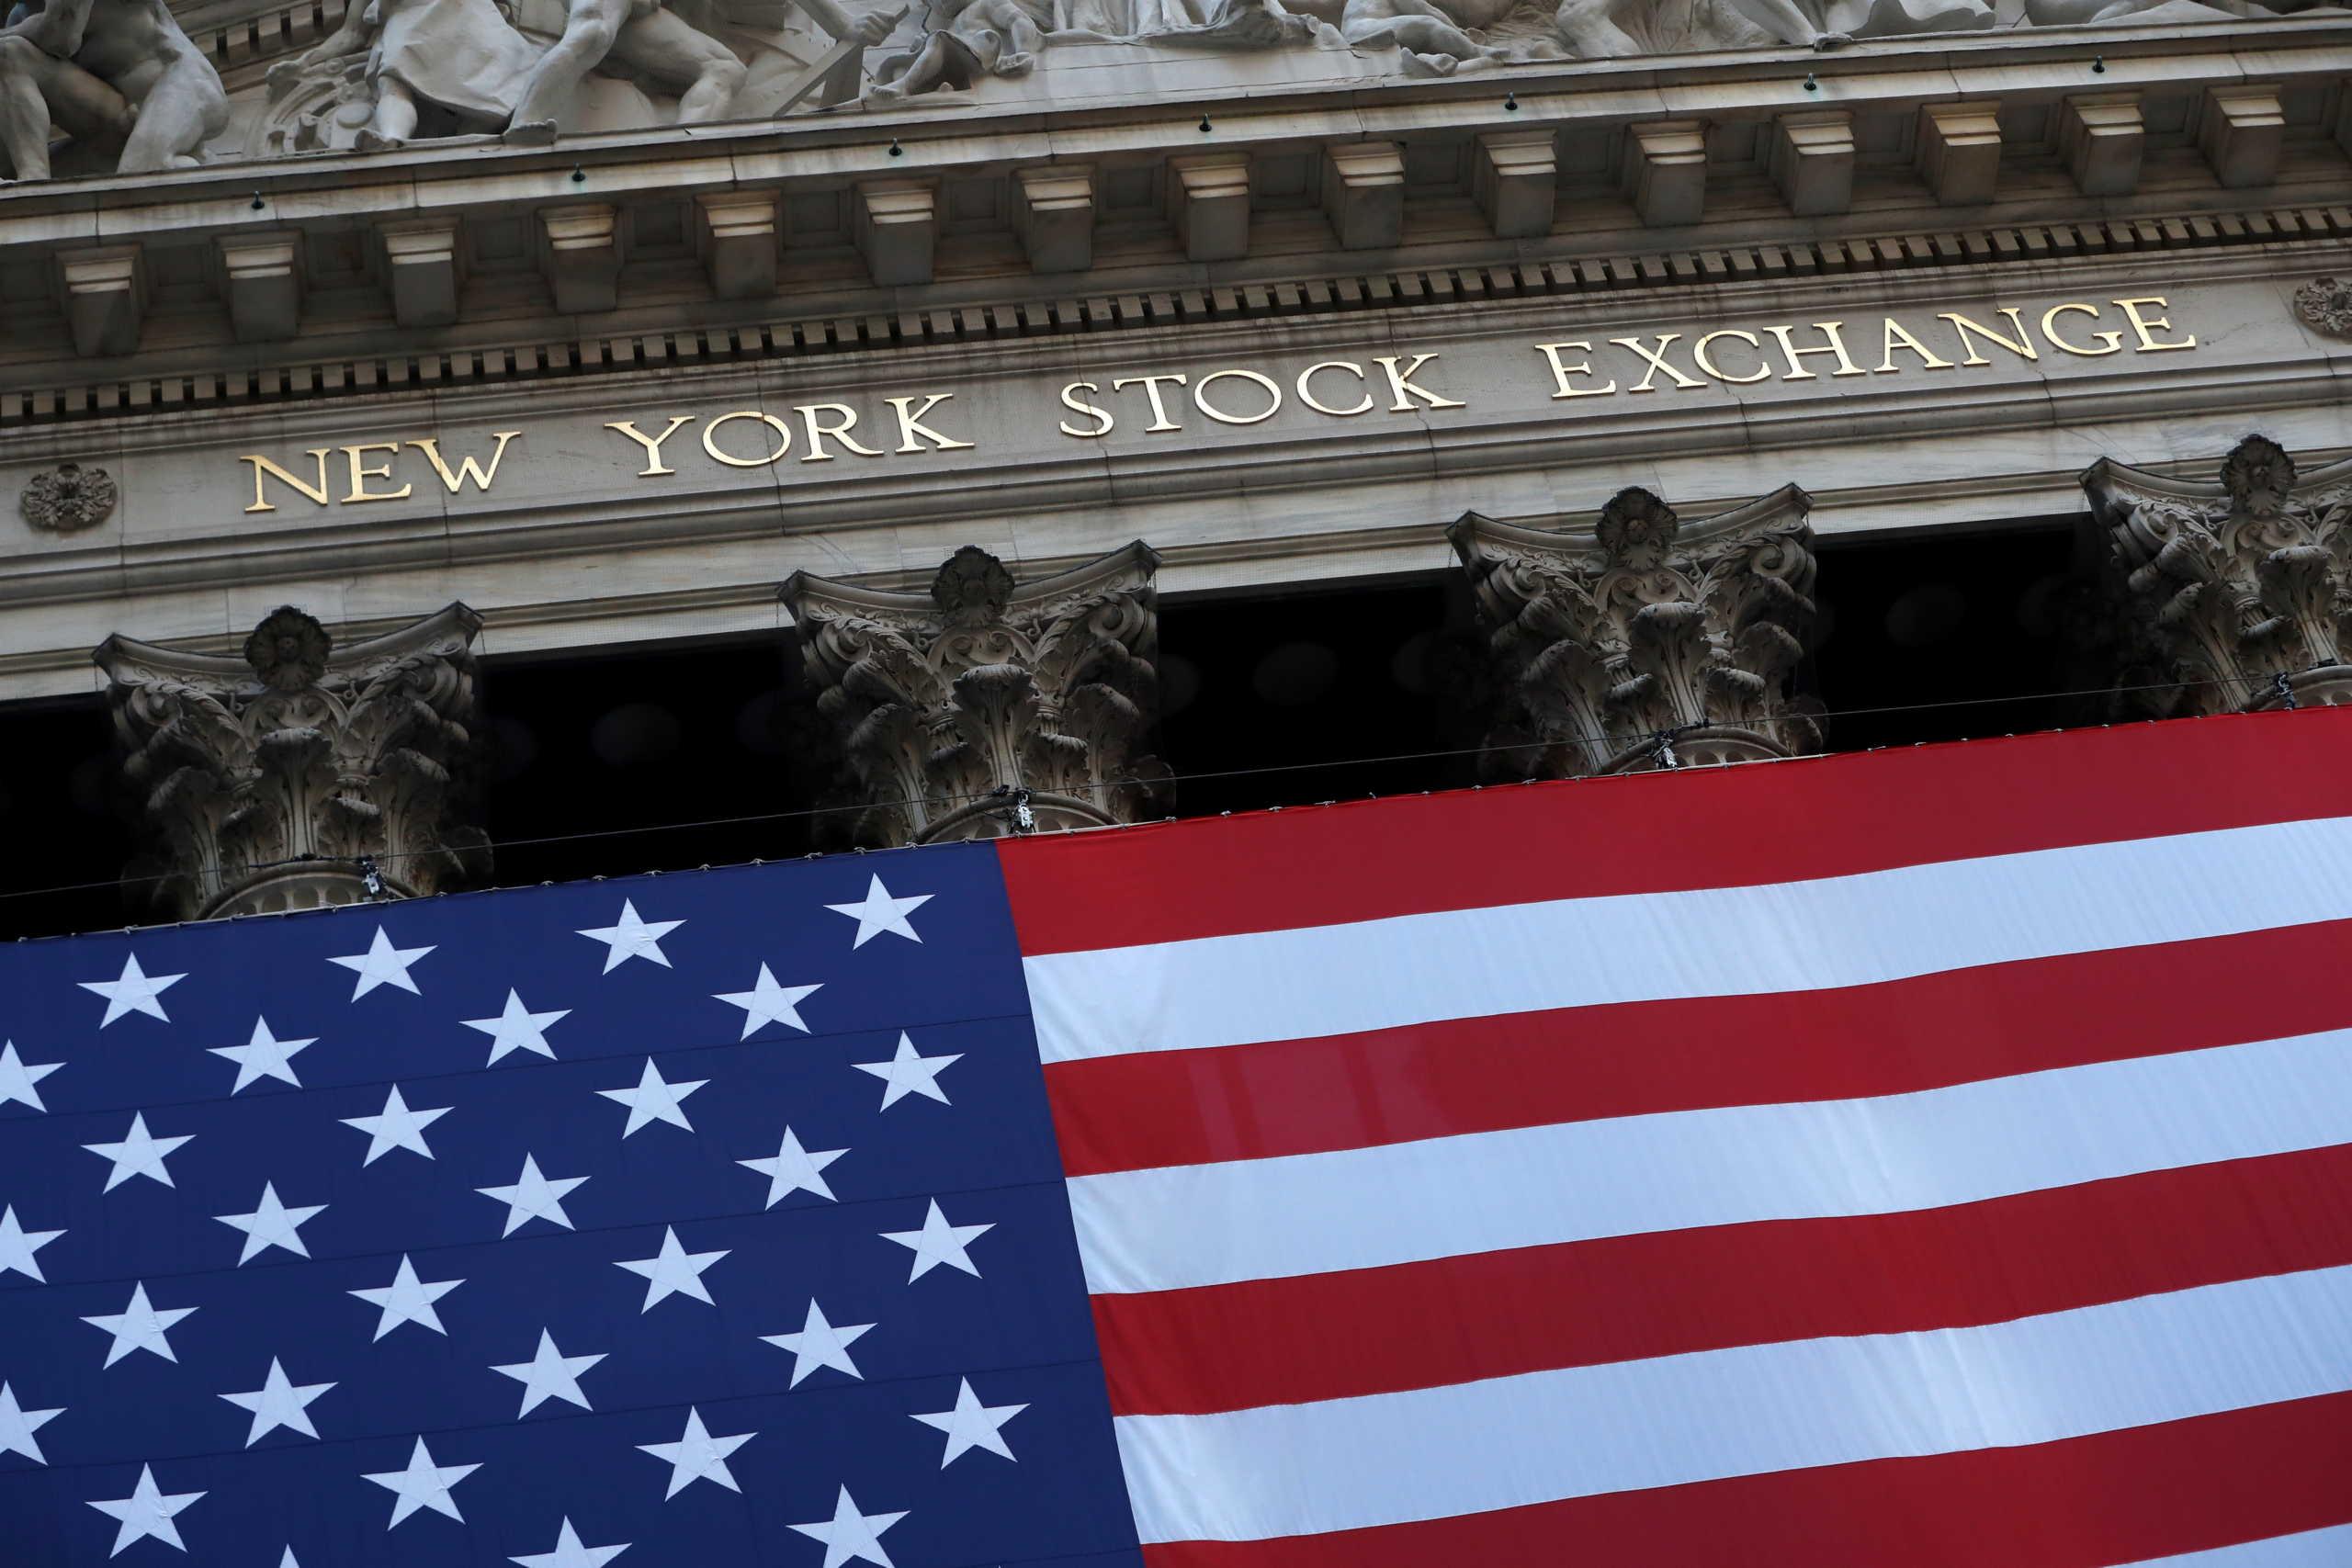 εκλογές ΗΠΑ αμερικάνικη σημαία